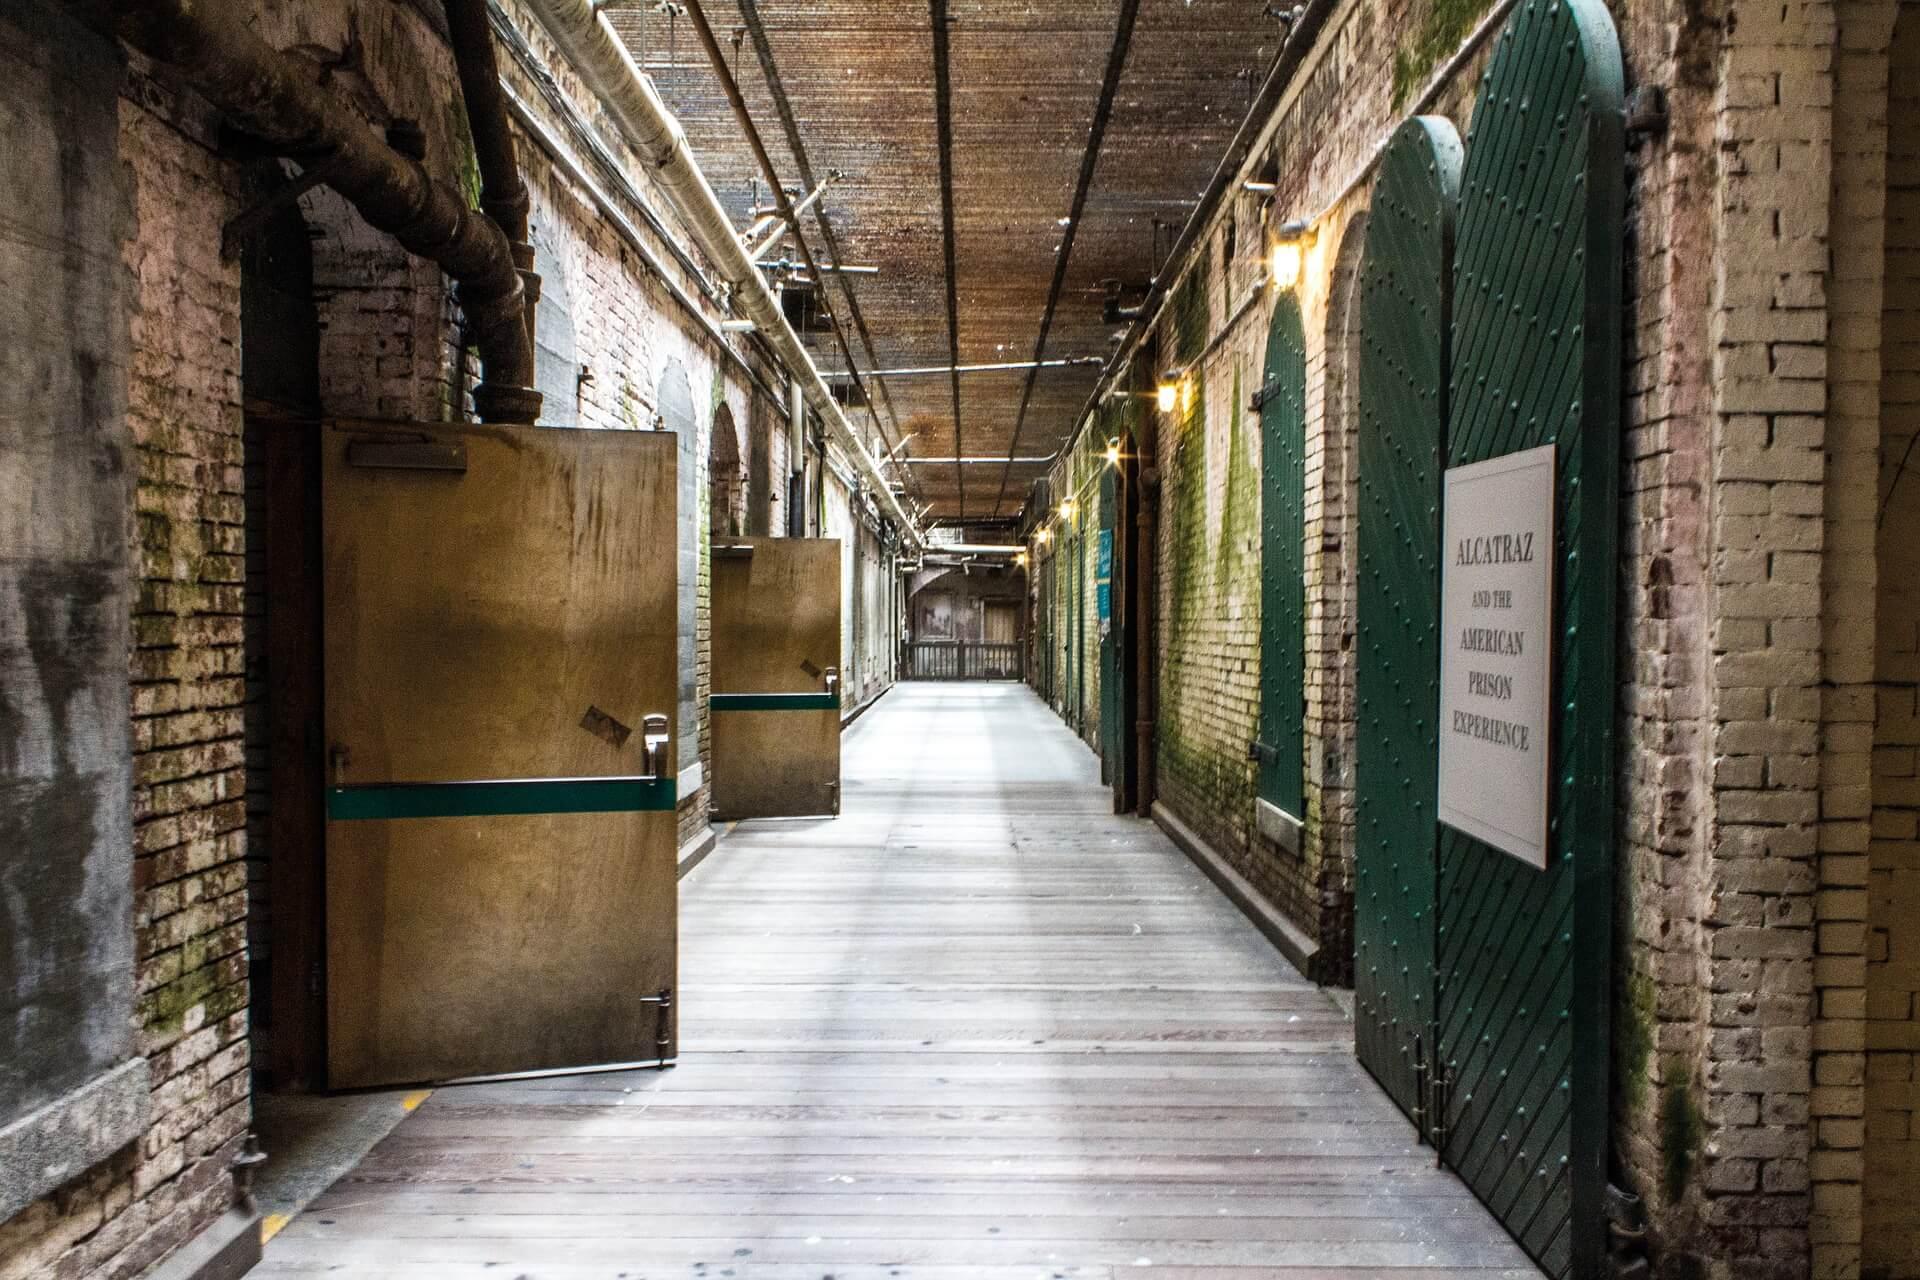 San Francisco visite prison alcatraz Voyage booktrip.jpg